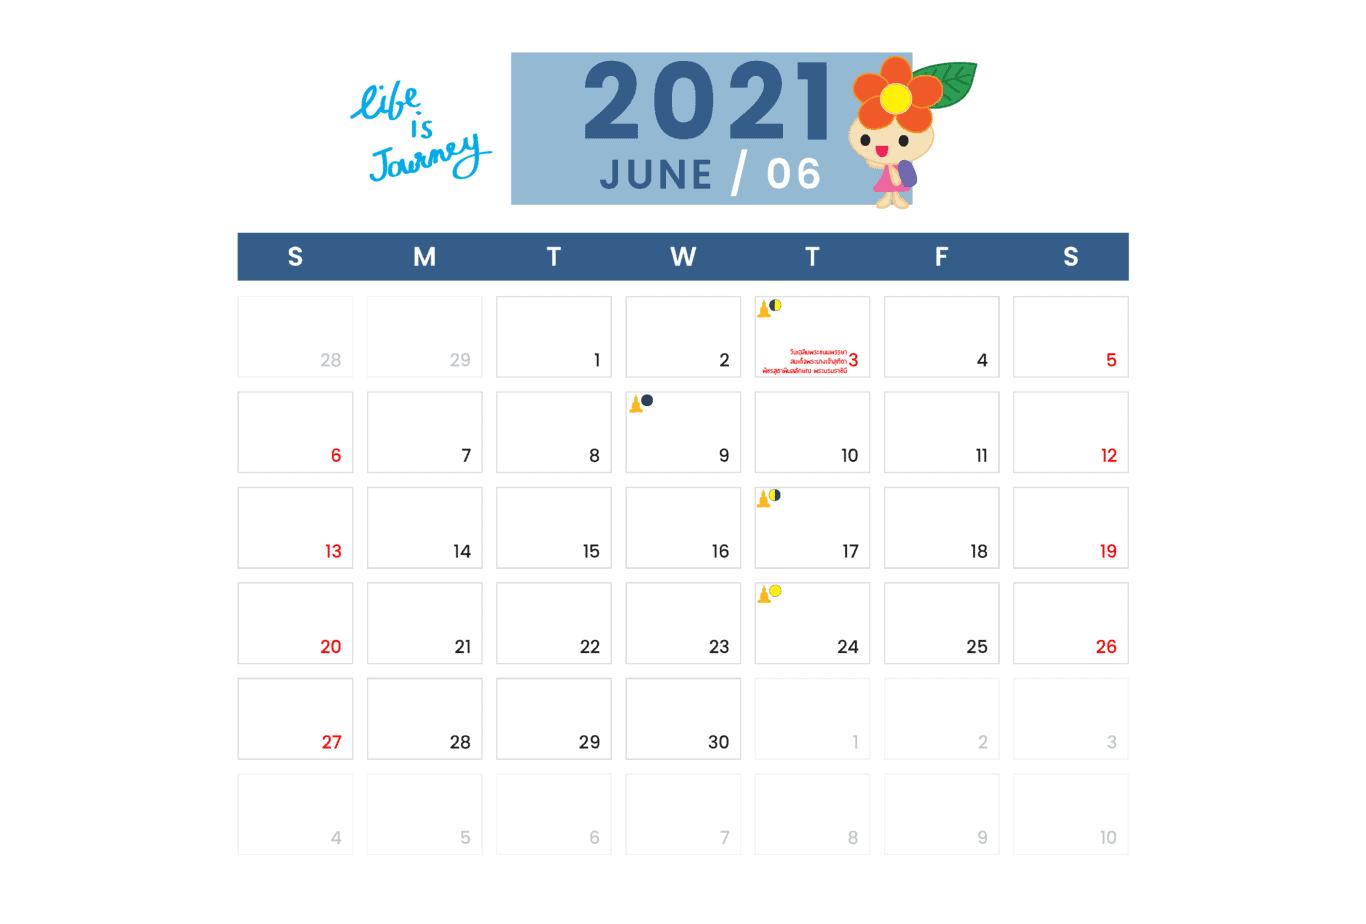 ปฏิทินวันหยุดมิถุนายน 2564 (วันหยุด, วันพระ, วันสำคัญ)- DIYINSPIRENOW